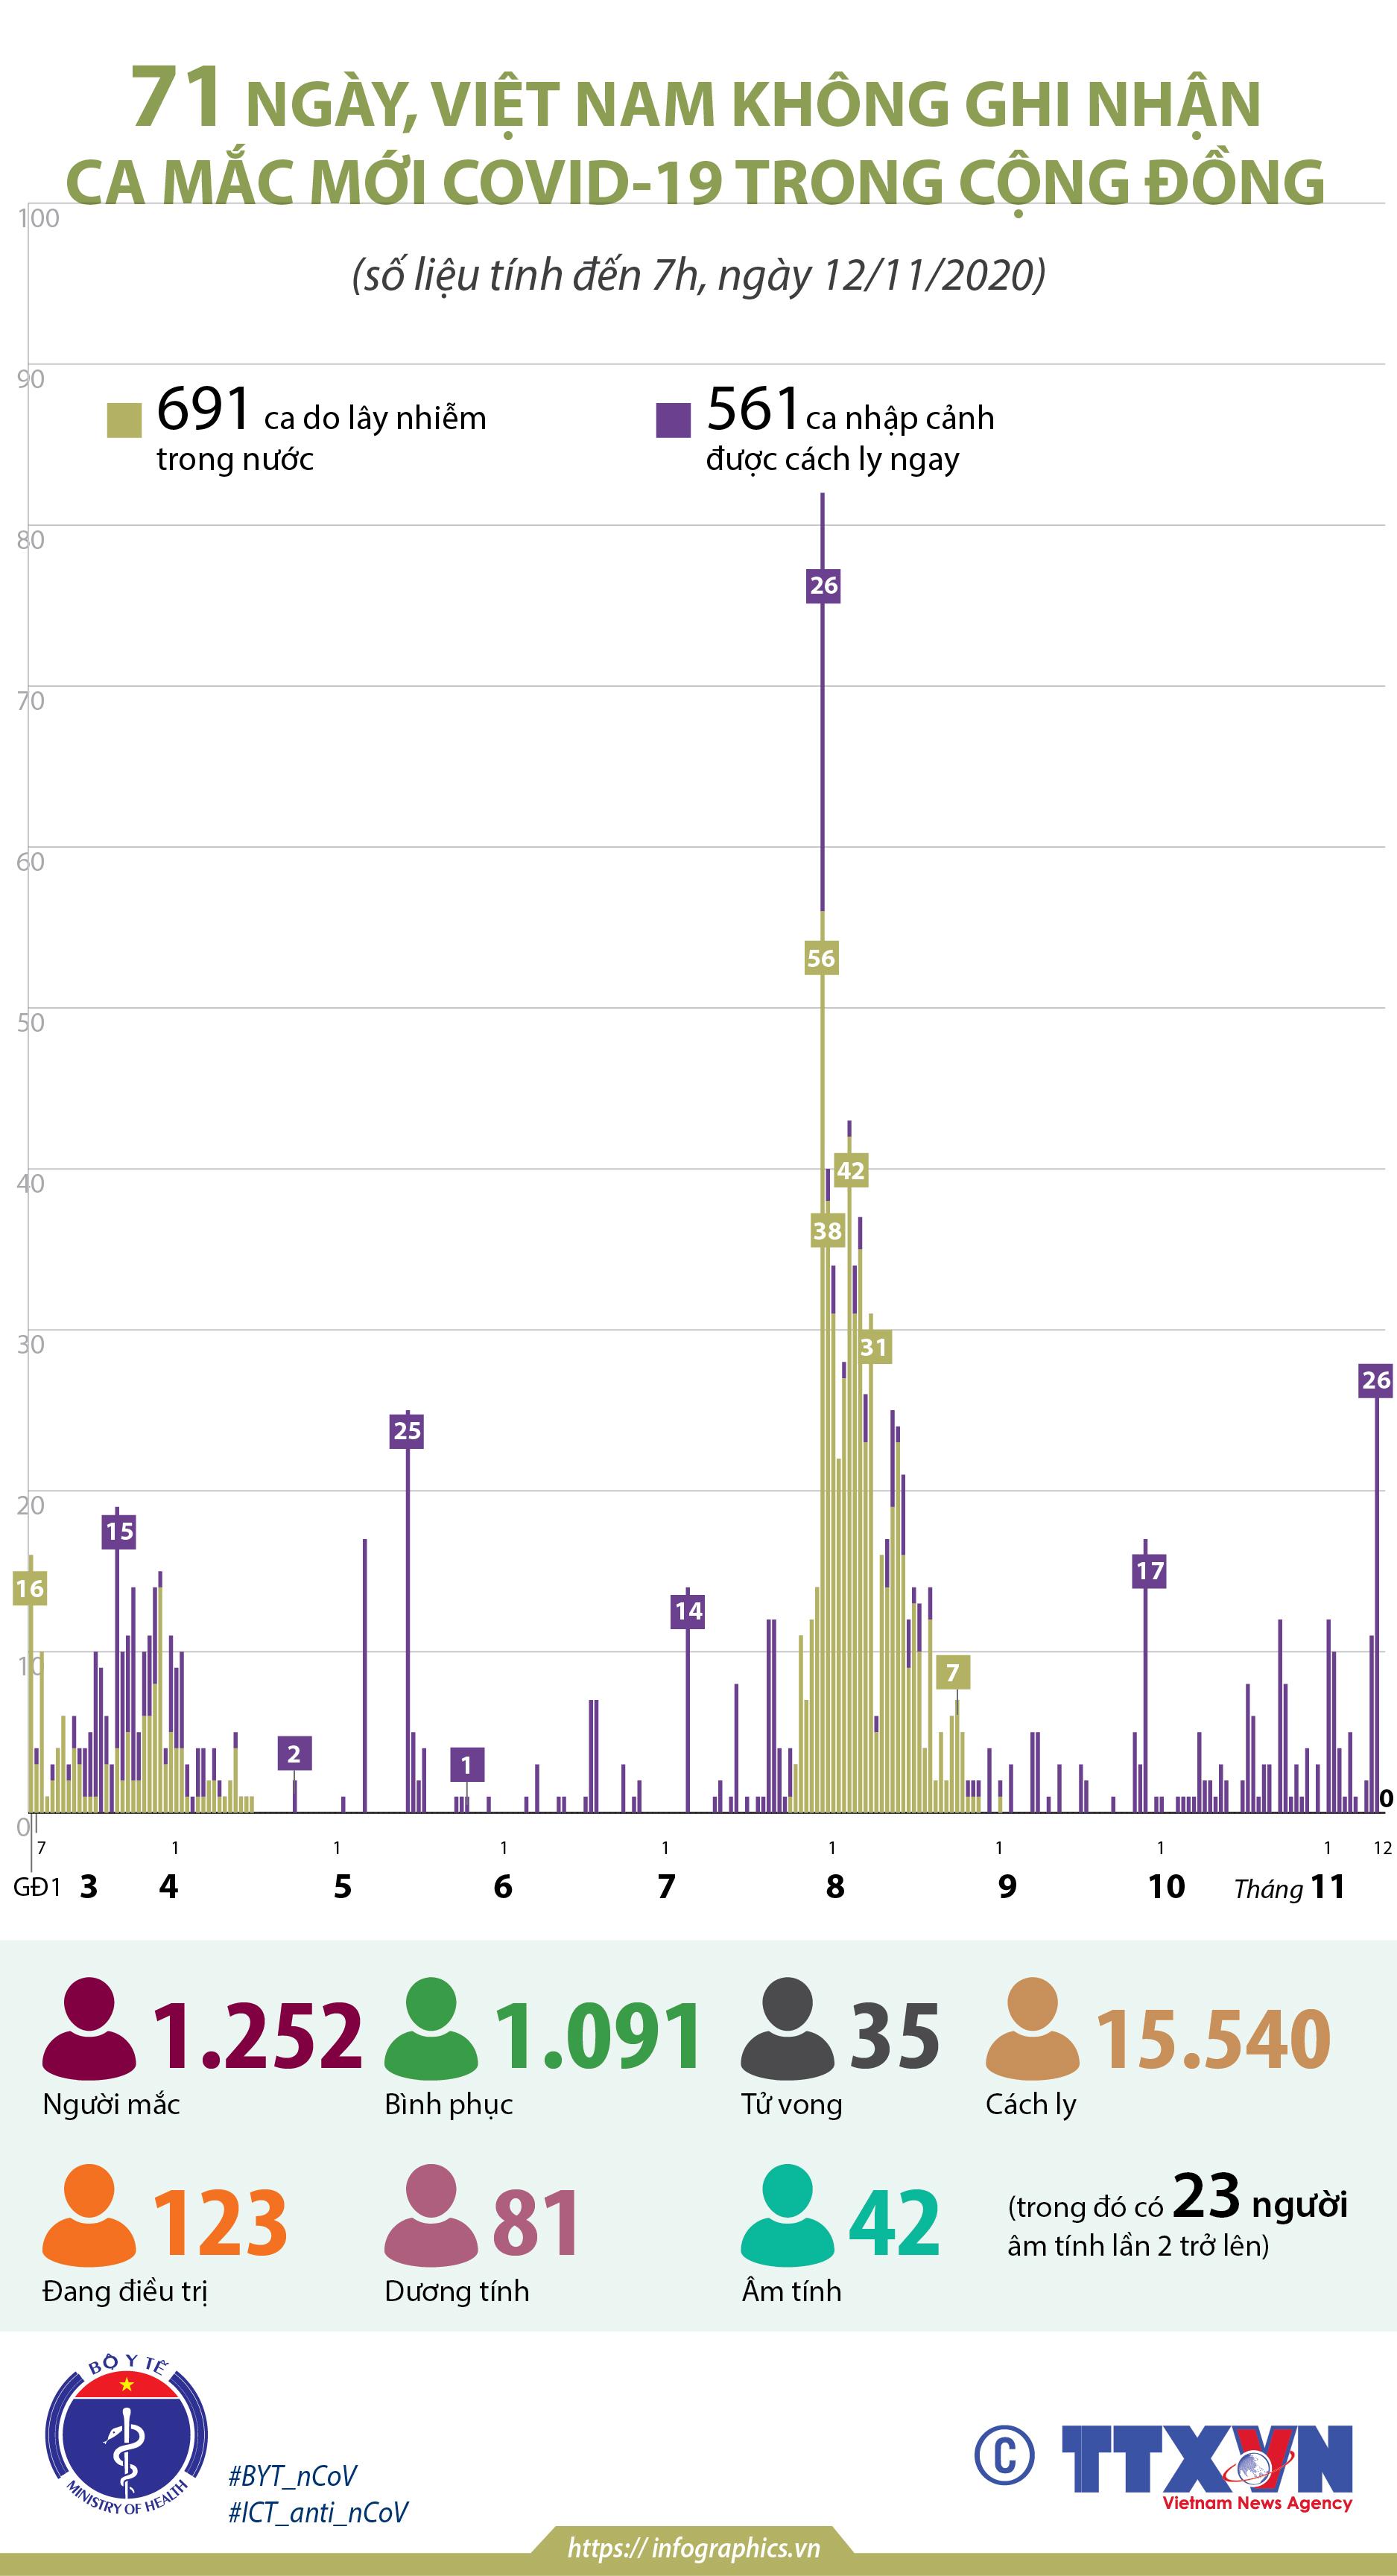 71 ngày, Việt Nam không ghi nhận ca mắc COVID-19 trong cộng đồng